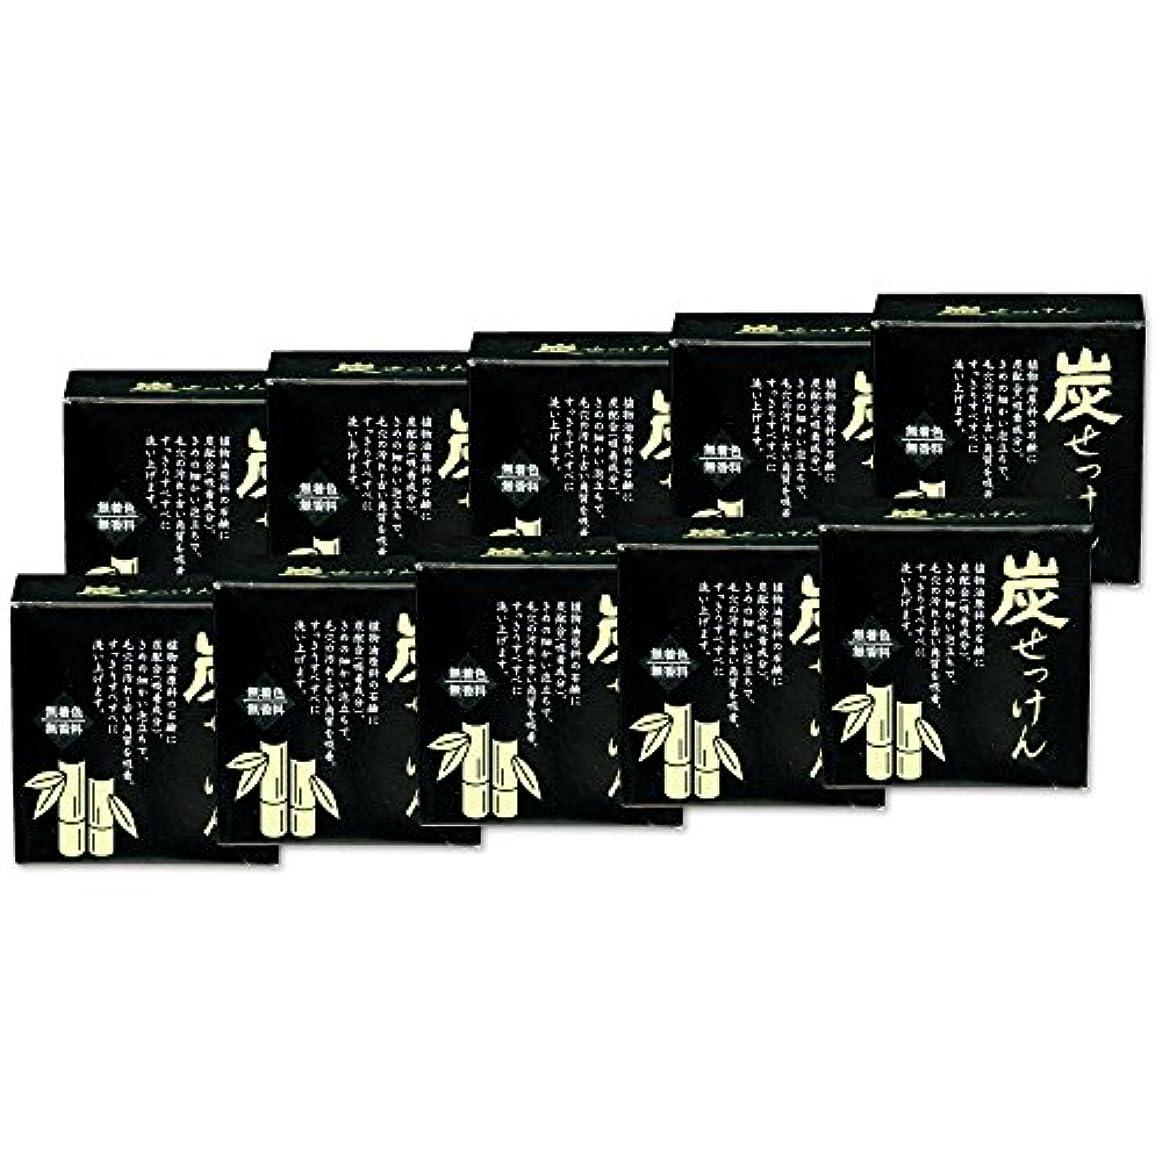 不安締める番号竹炭の里 炭せっけん 無香料 無着色 100g 10個セット 累計販売100万個突破の人気商品。